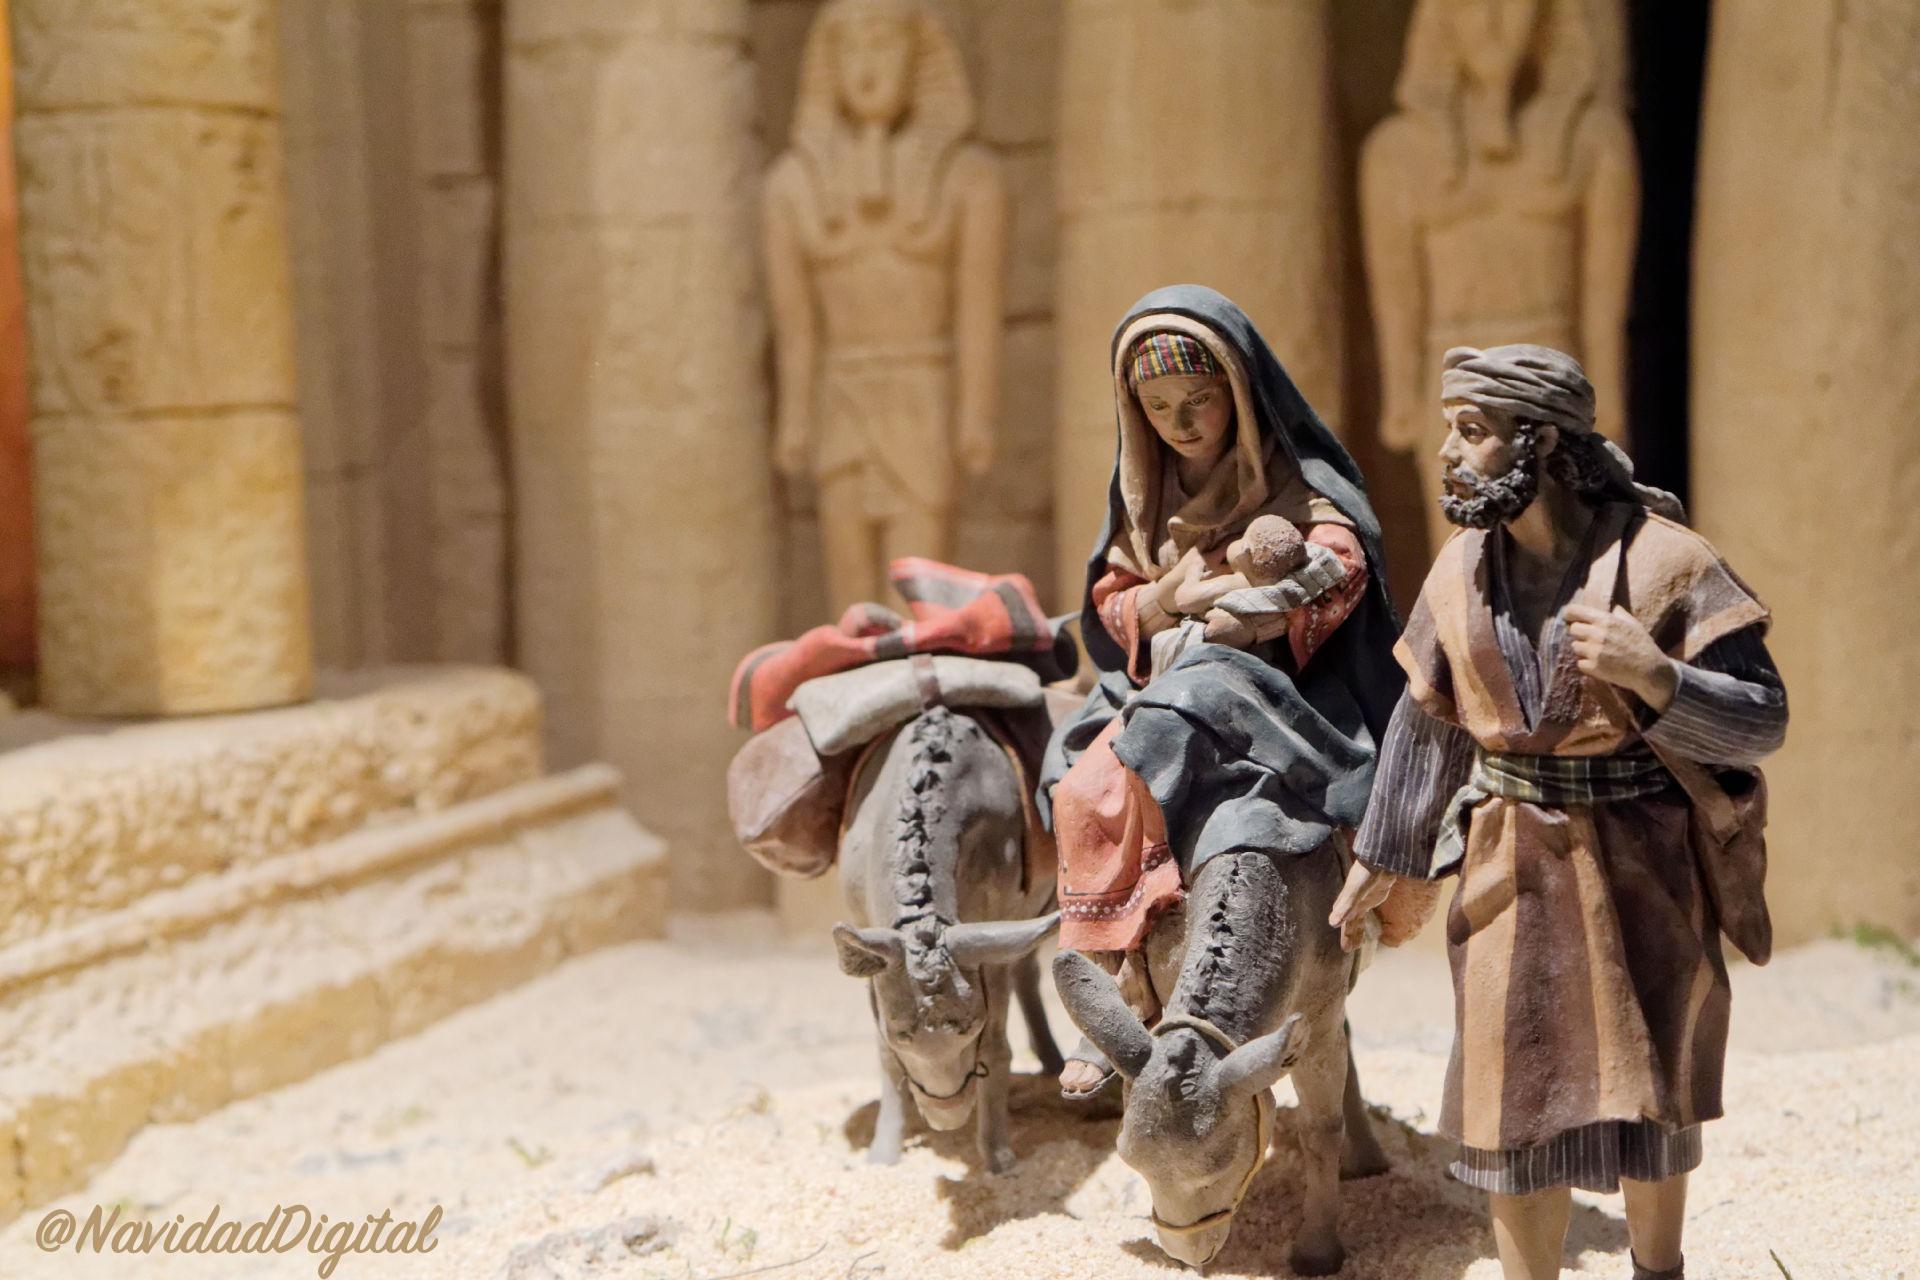 Belenes en Navidad Digital